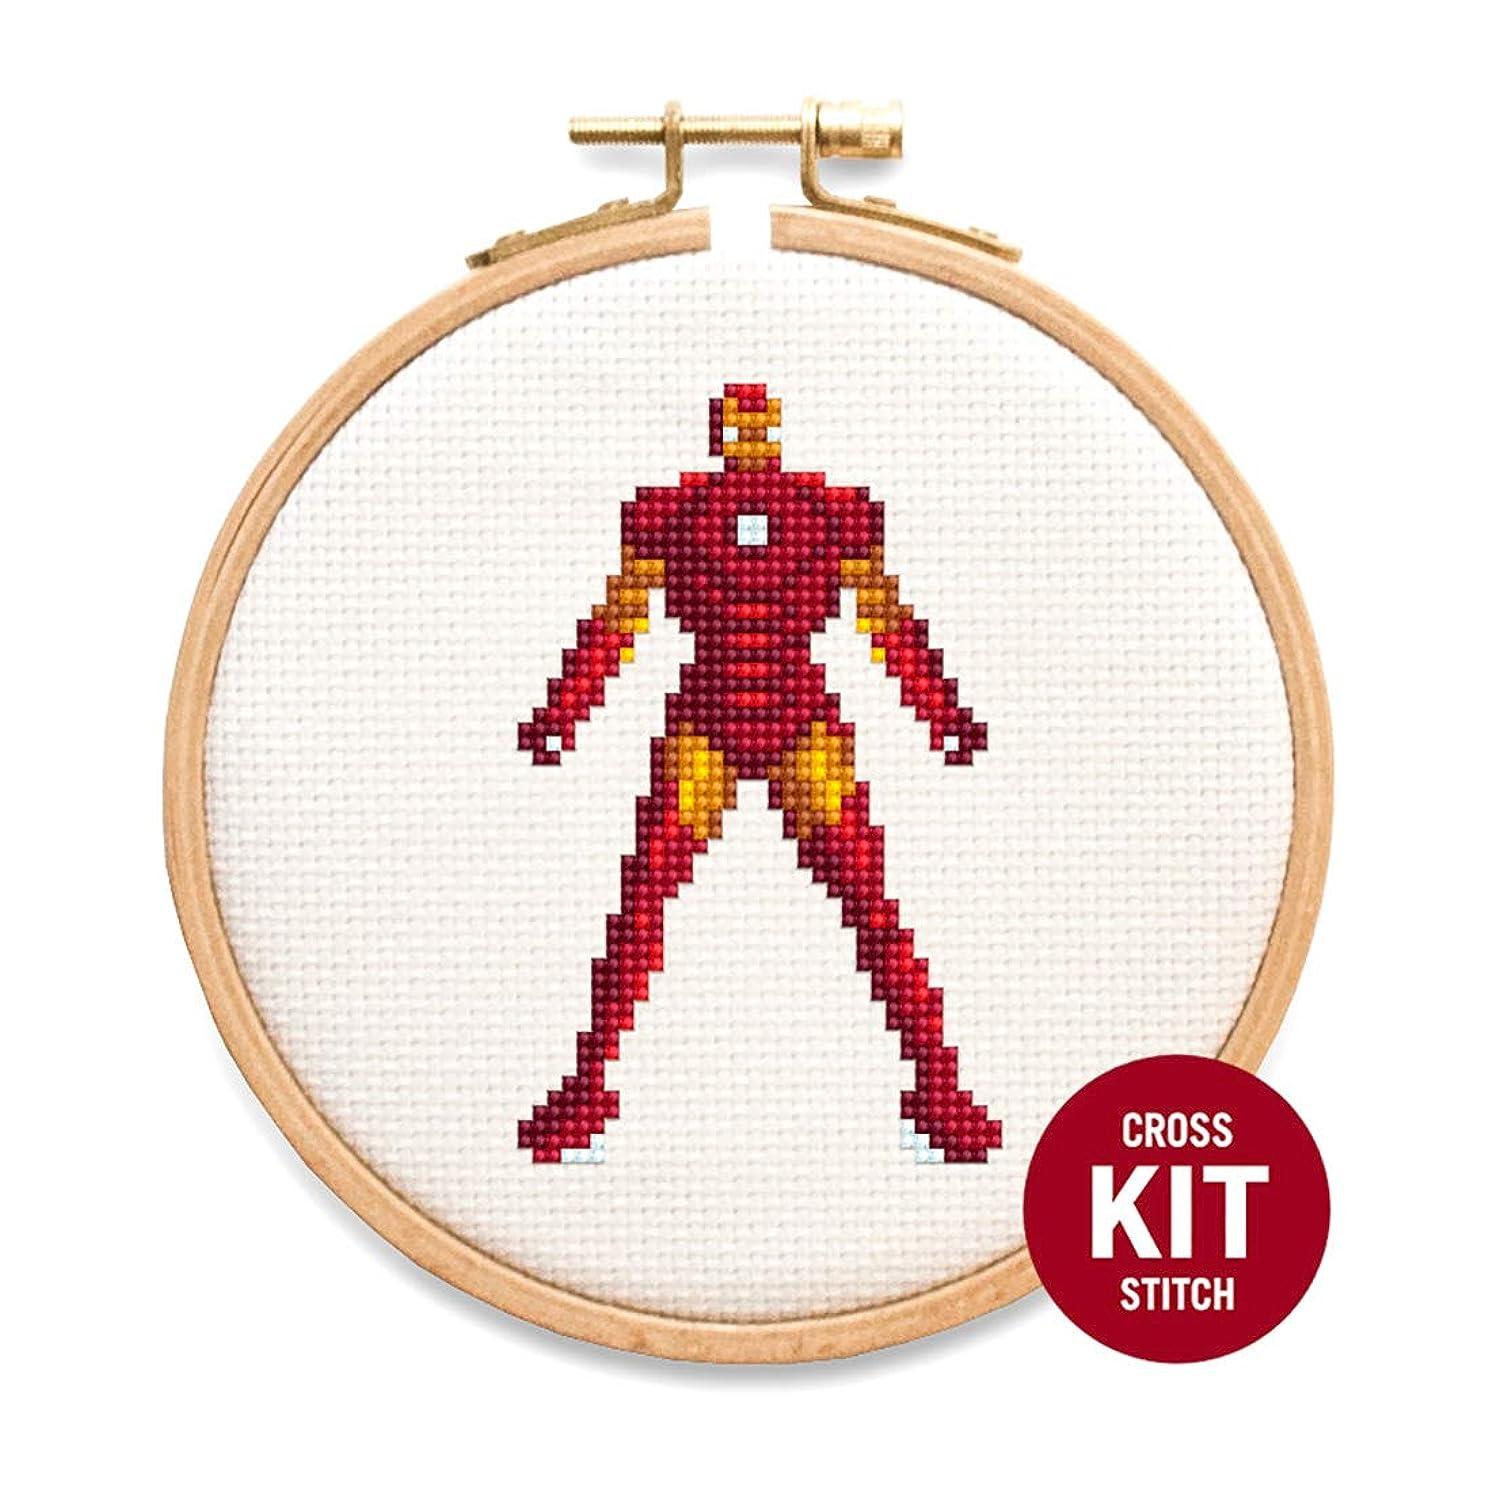 Iron Man Cross Stitch Kit by Stitchering